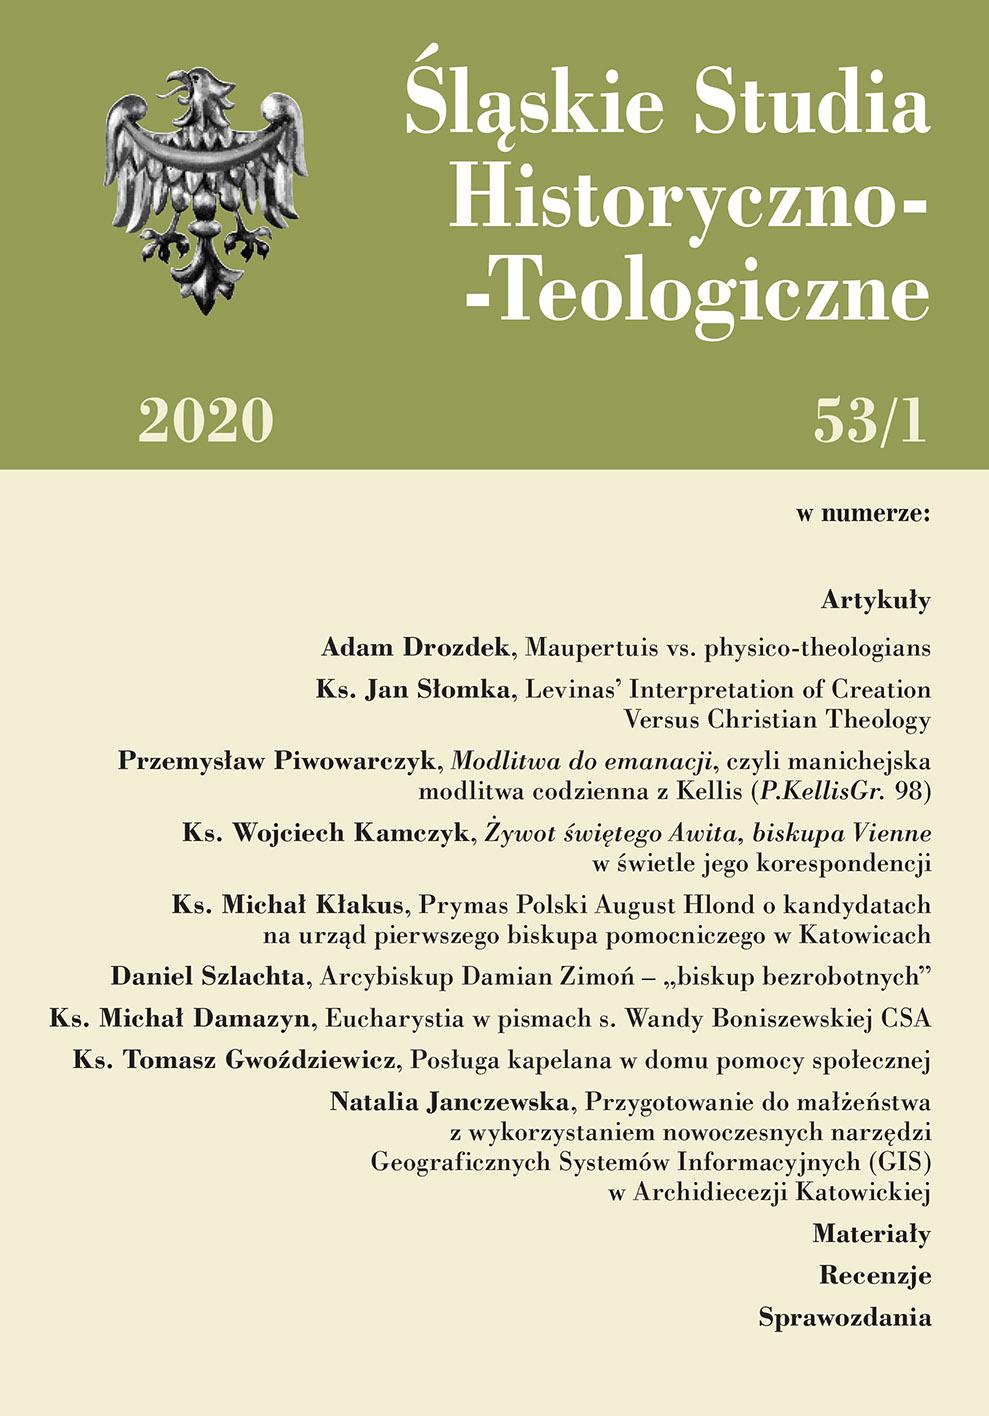 Śląskie Studia Historyczno-Teologiczne 53/1 (2021)